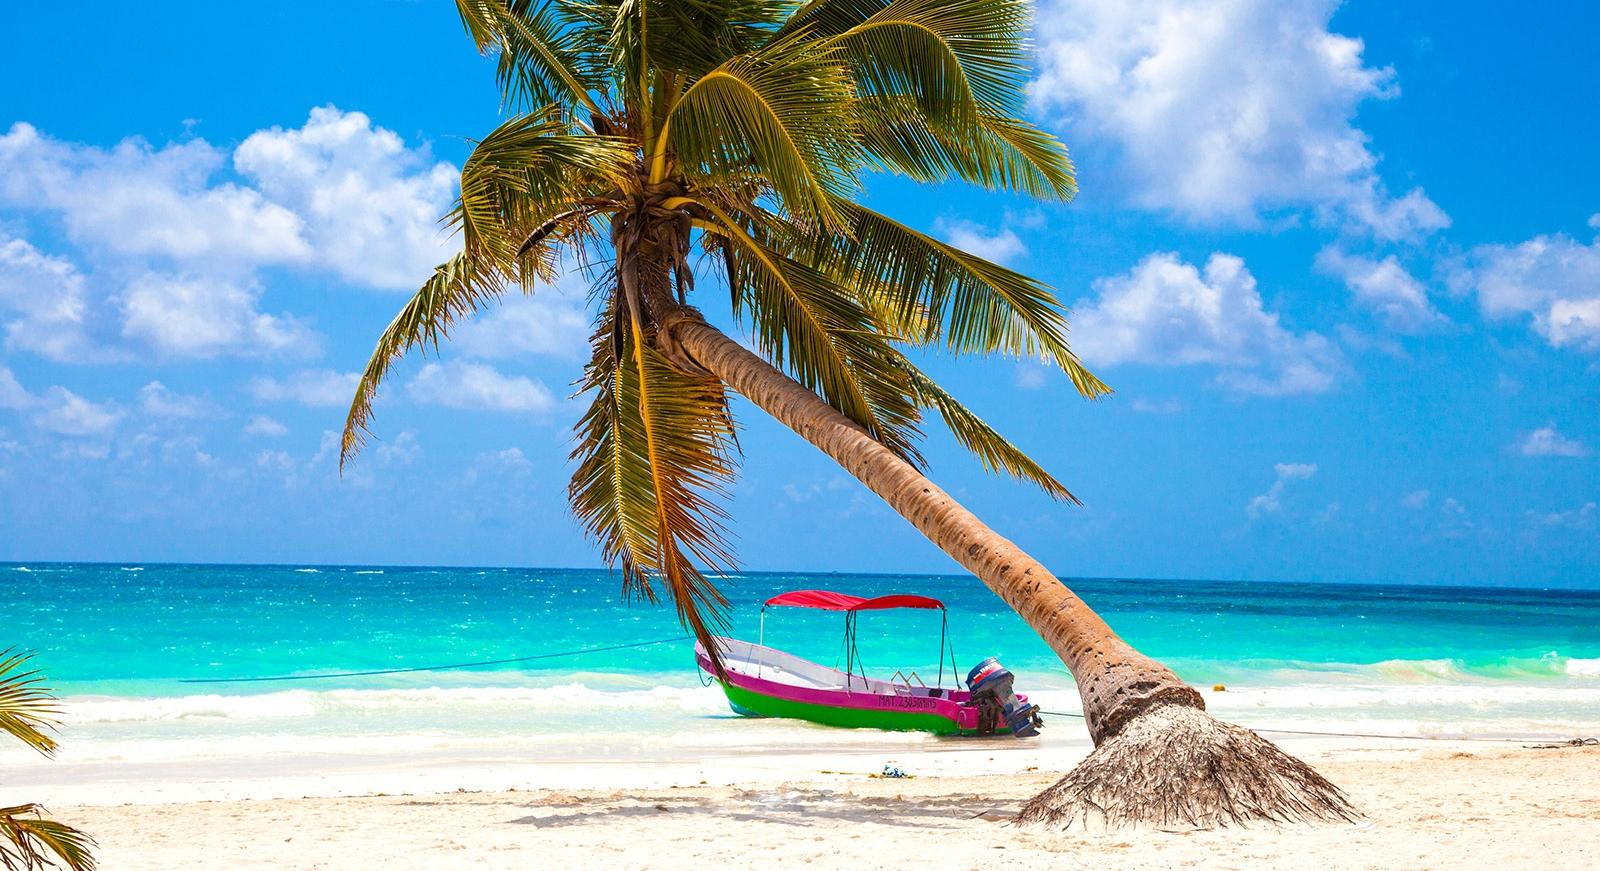 Maya Beach cancun Mexico - TBC Sep 2019 7-14nts